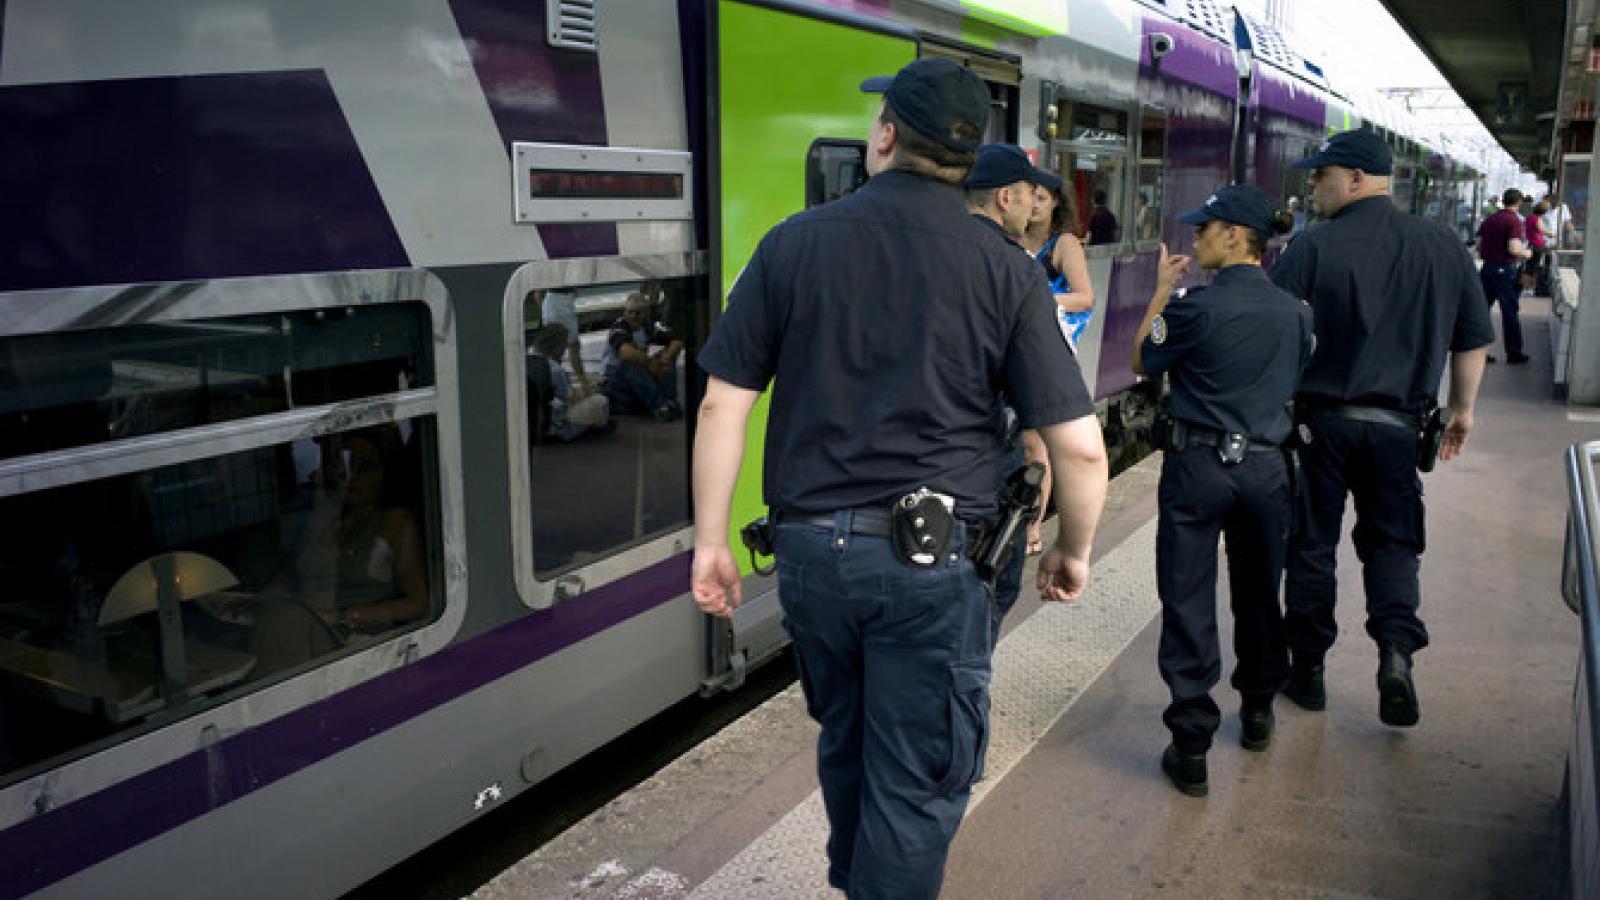 Ga đường sắt Lyon bị đe dọa đánh bom, Phápsơ tán khẩn cấp